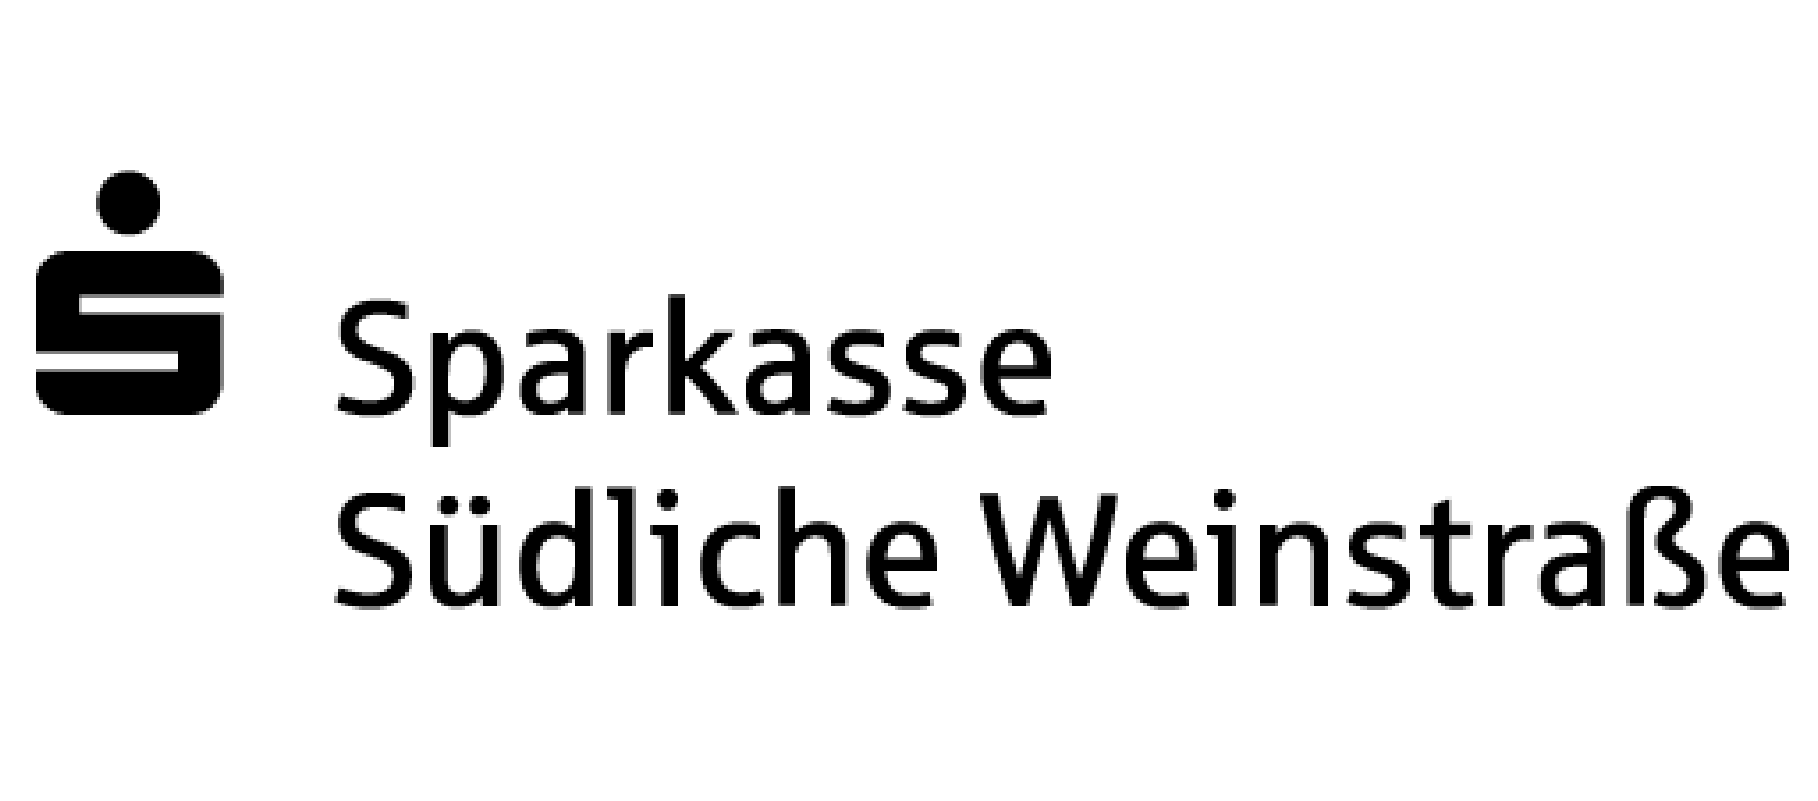 sparkasse-suew